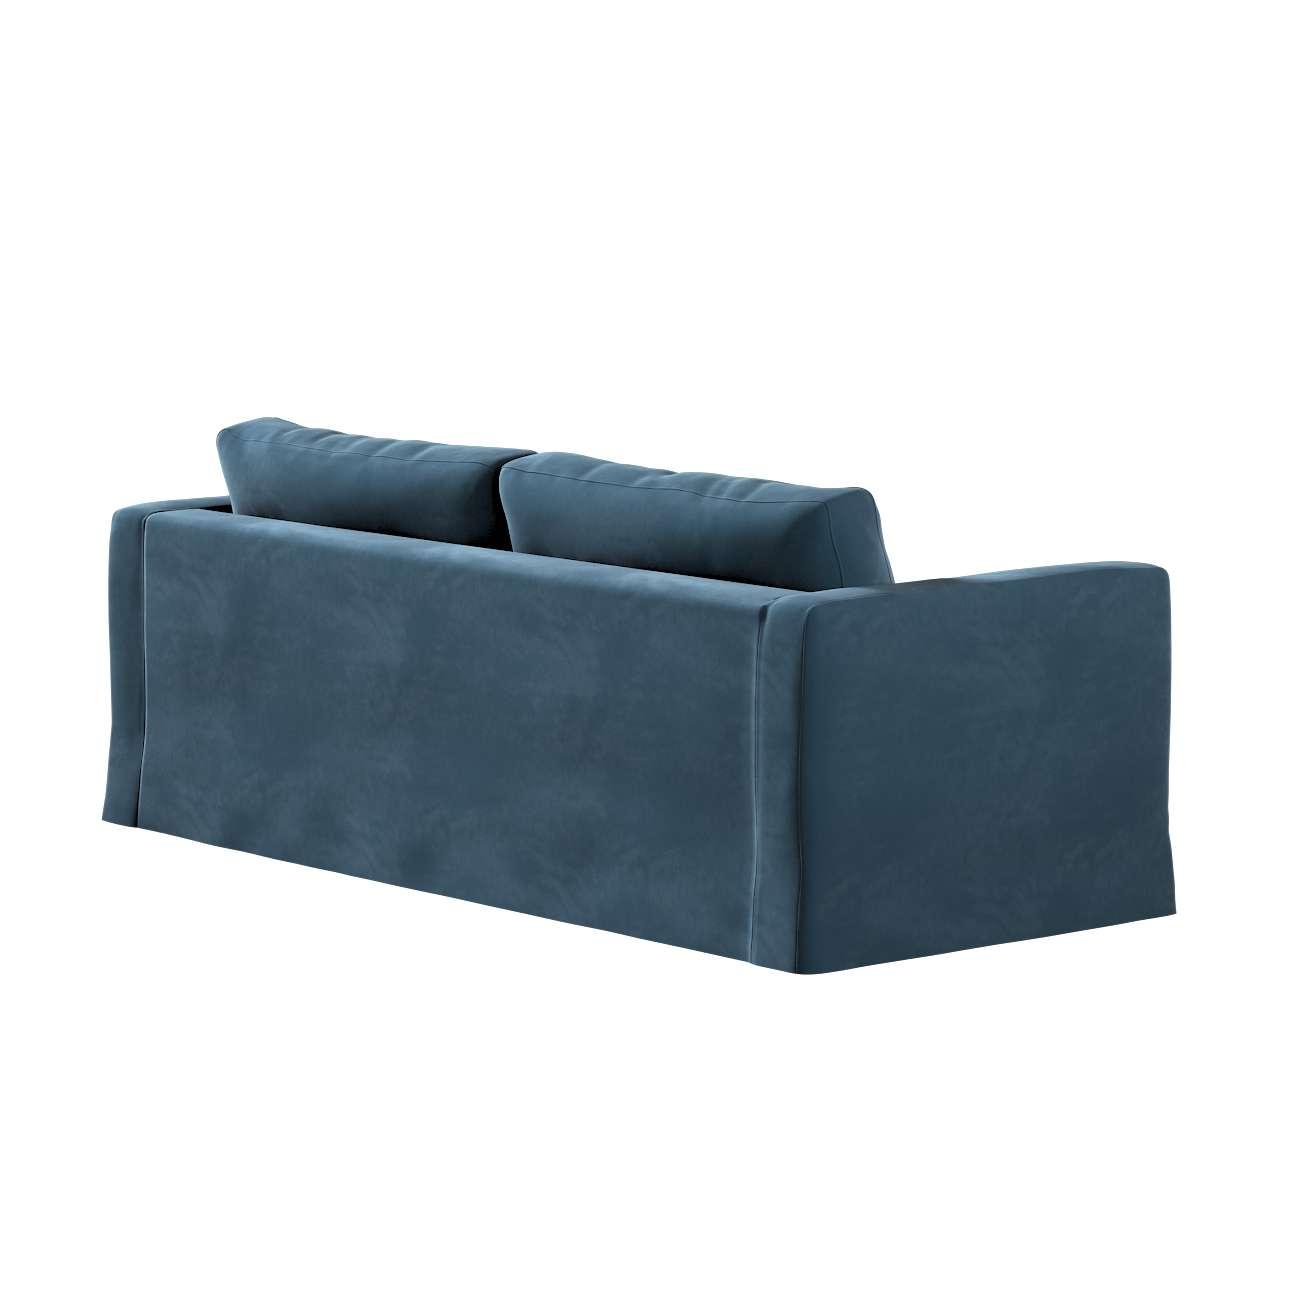 Karlstad klädsel 3-pers. soffa -  lång - 204cm i kollektionen Velvet, Tyg: 704-16